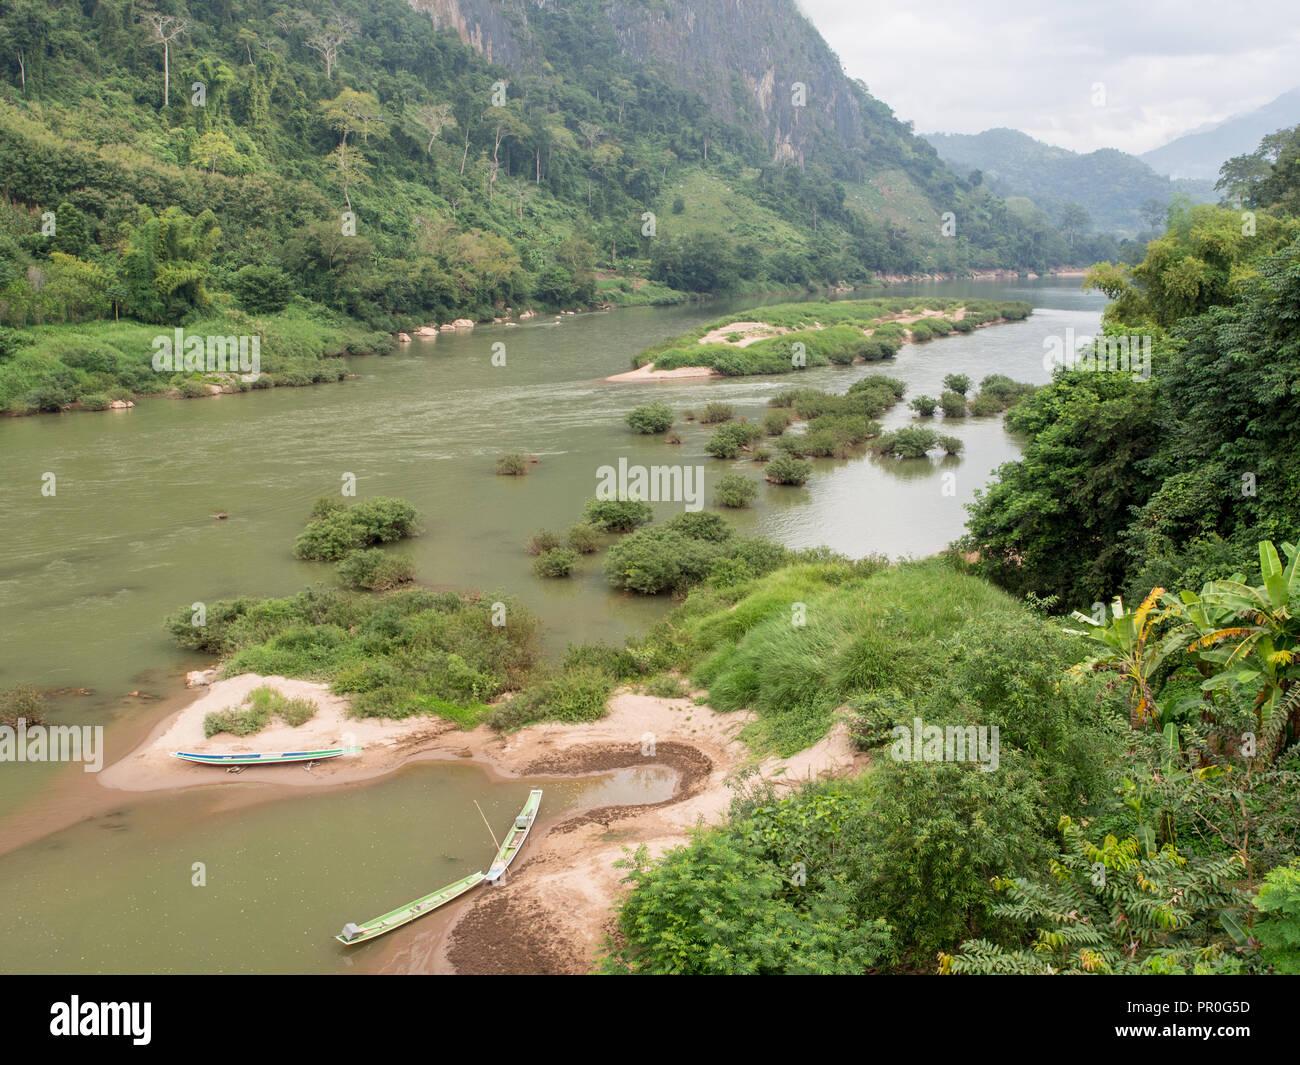 Nam Ou Fiume Nong Khiaw, Laos, Indocina, Asia sud-orientale, Asia Immagini Stock